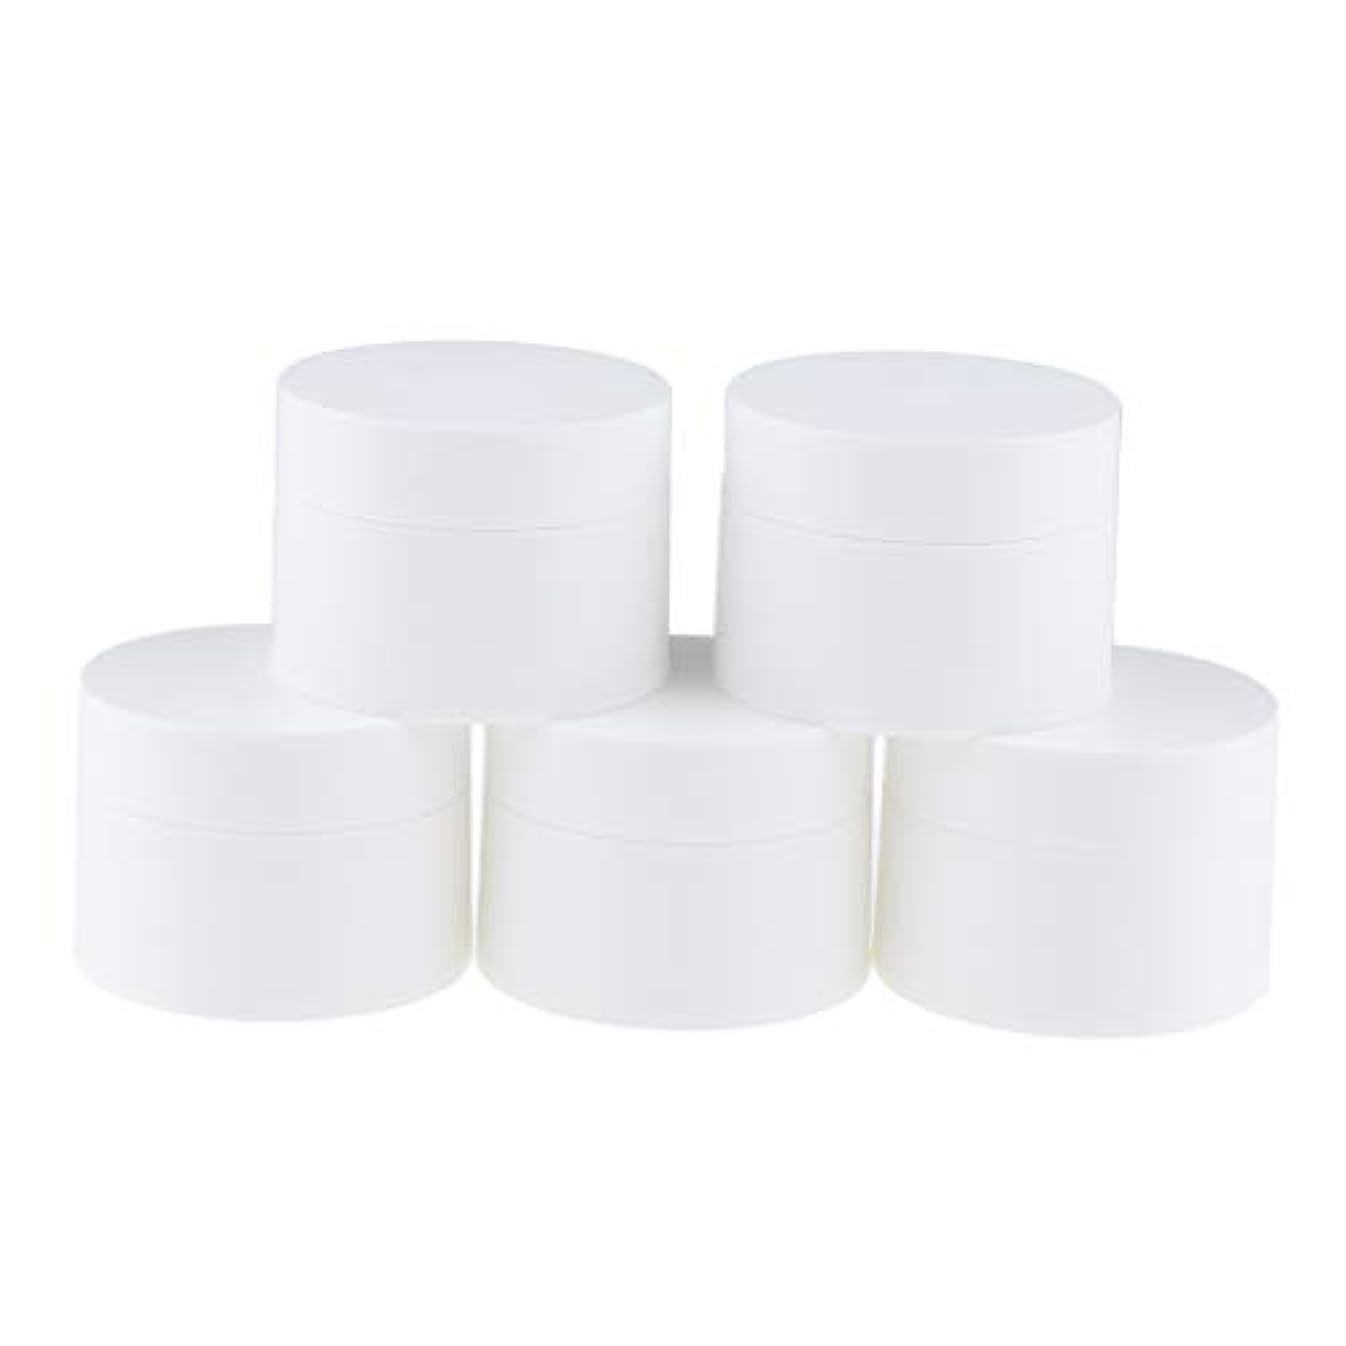 コイル有名人業界Sharplace 5個 クリームケース クリーム容器 小分け容器 詰替え容器 旅行小物 化粧品収納 全3サイズ - 30g